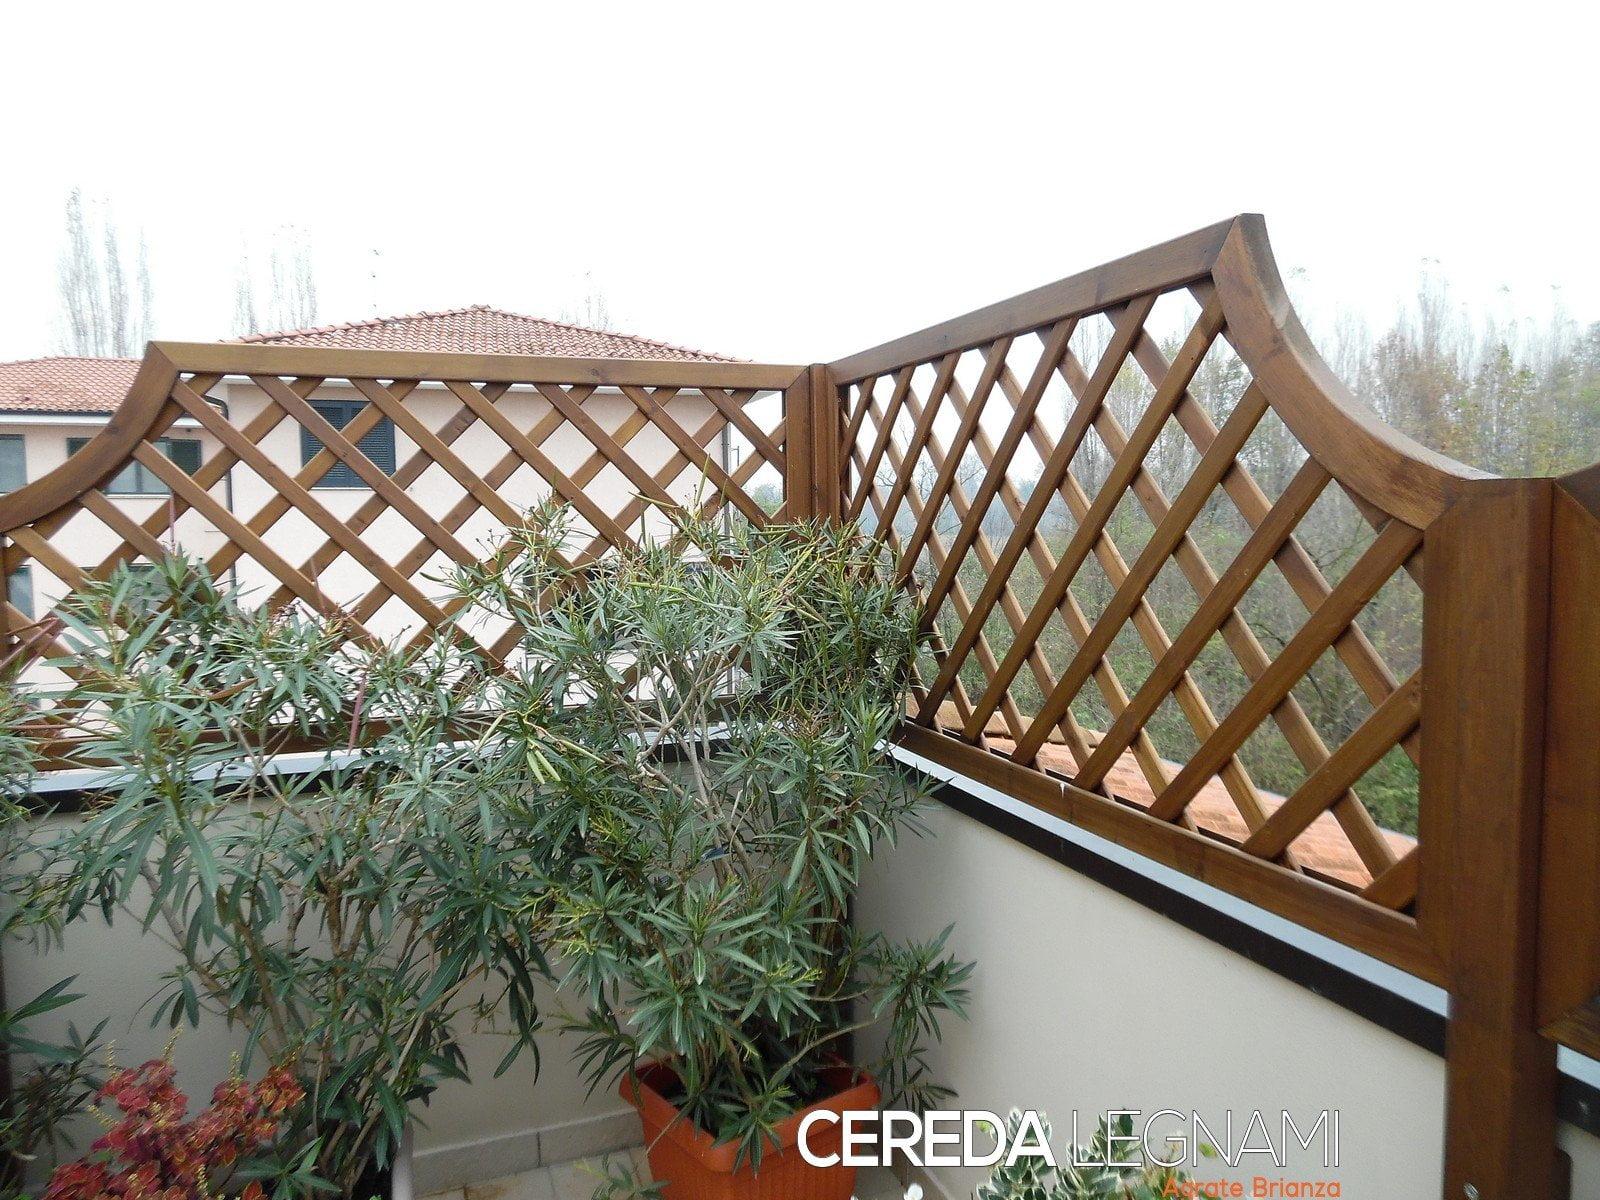 Divisori in legno per giardini e terrazzi cereda legnami for Mobili per terrazzi e giardini